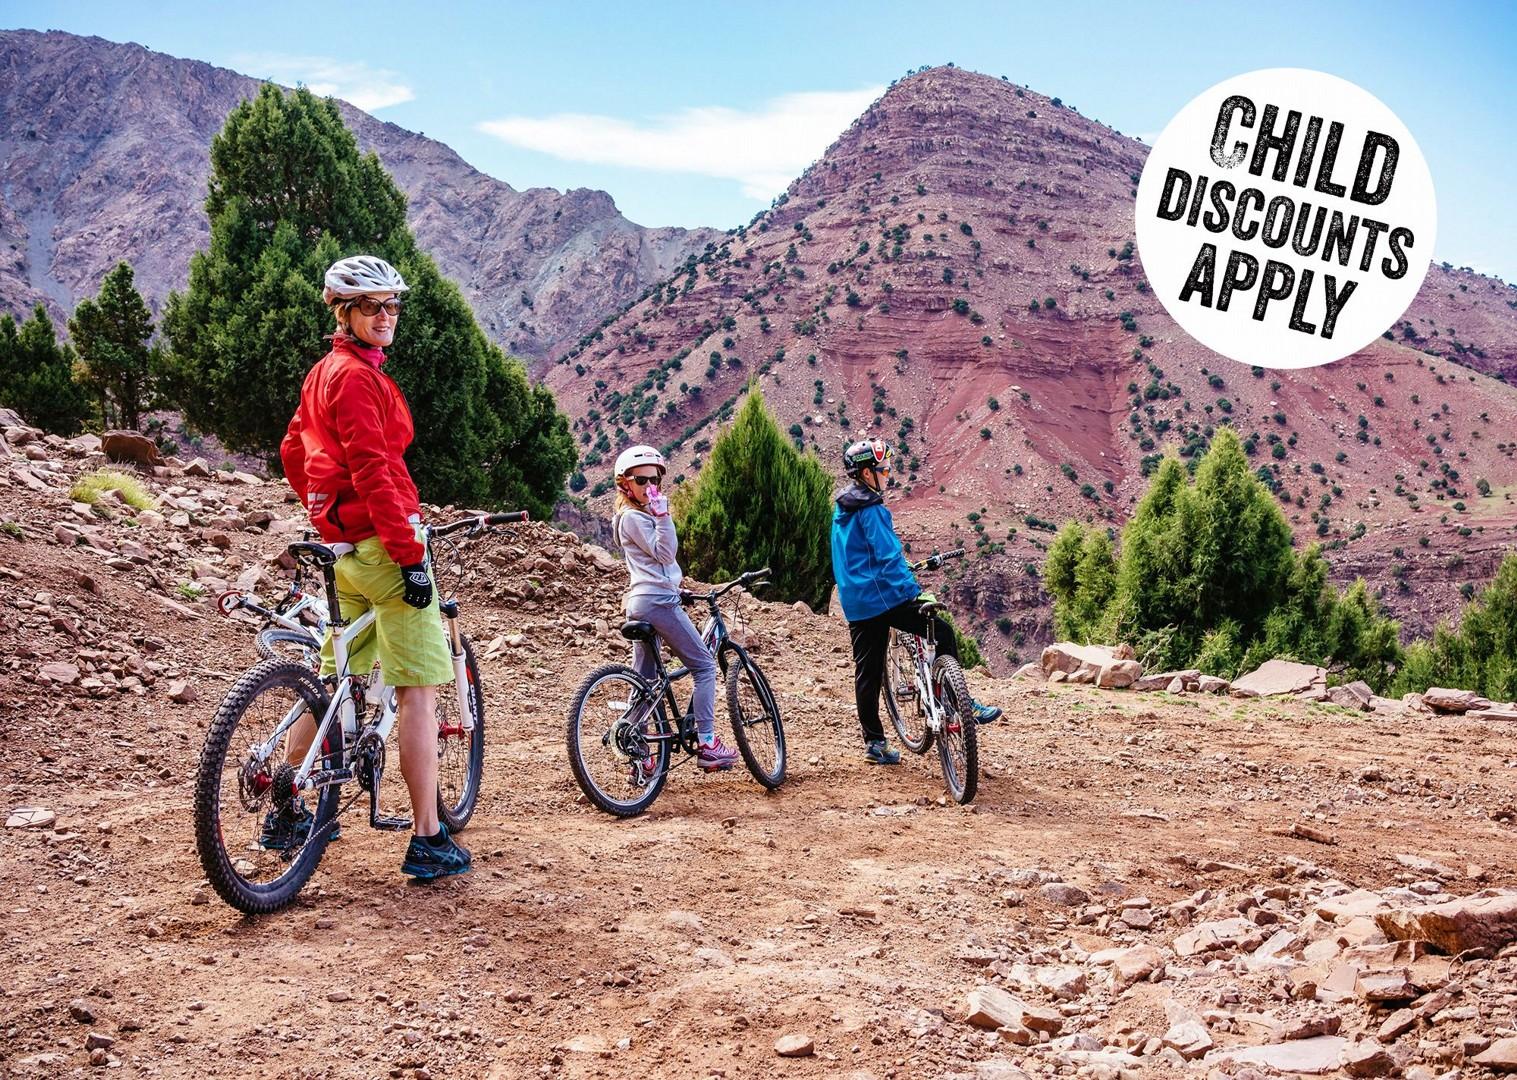 morocco-marrakech-atlantic-coast-high-atlas-mountains-desert-mountains-coast-family.jpg - Morocco - Desert, Mountains and Coast - Guided Family Cycling Holiday - Family Cycling